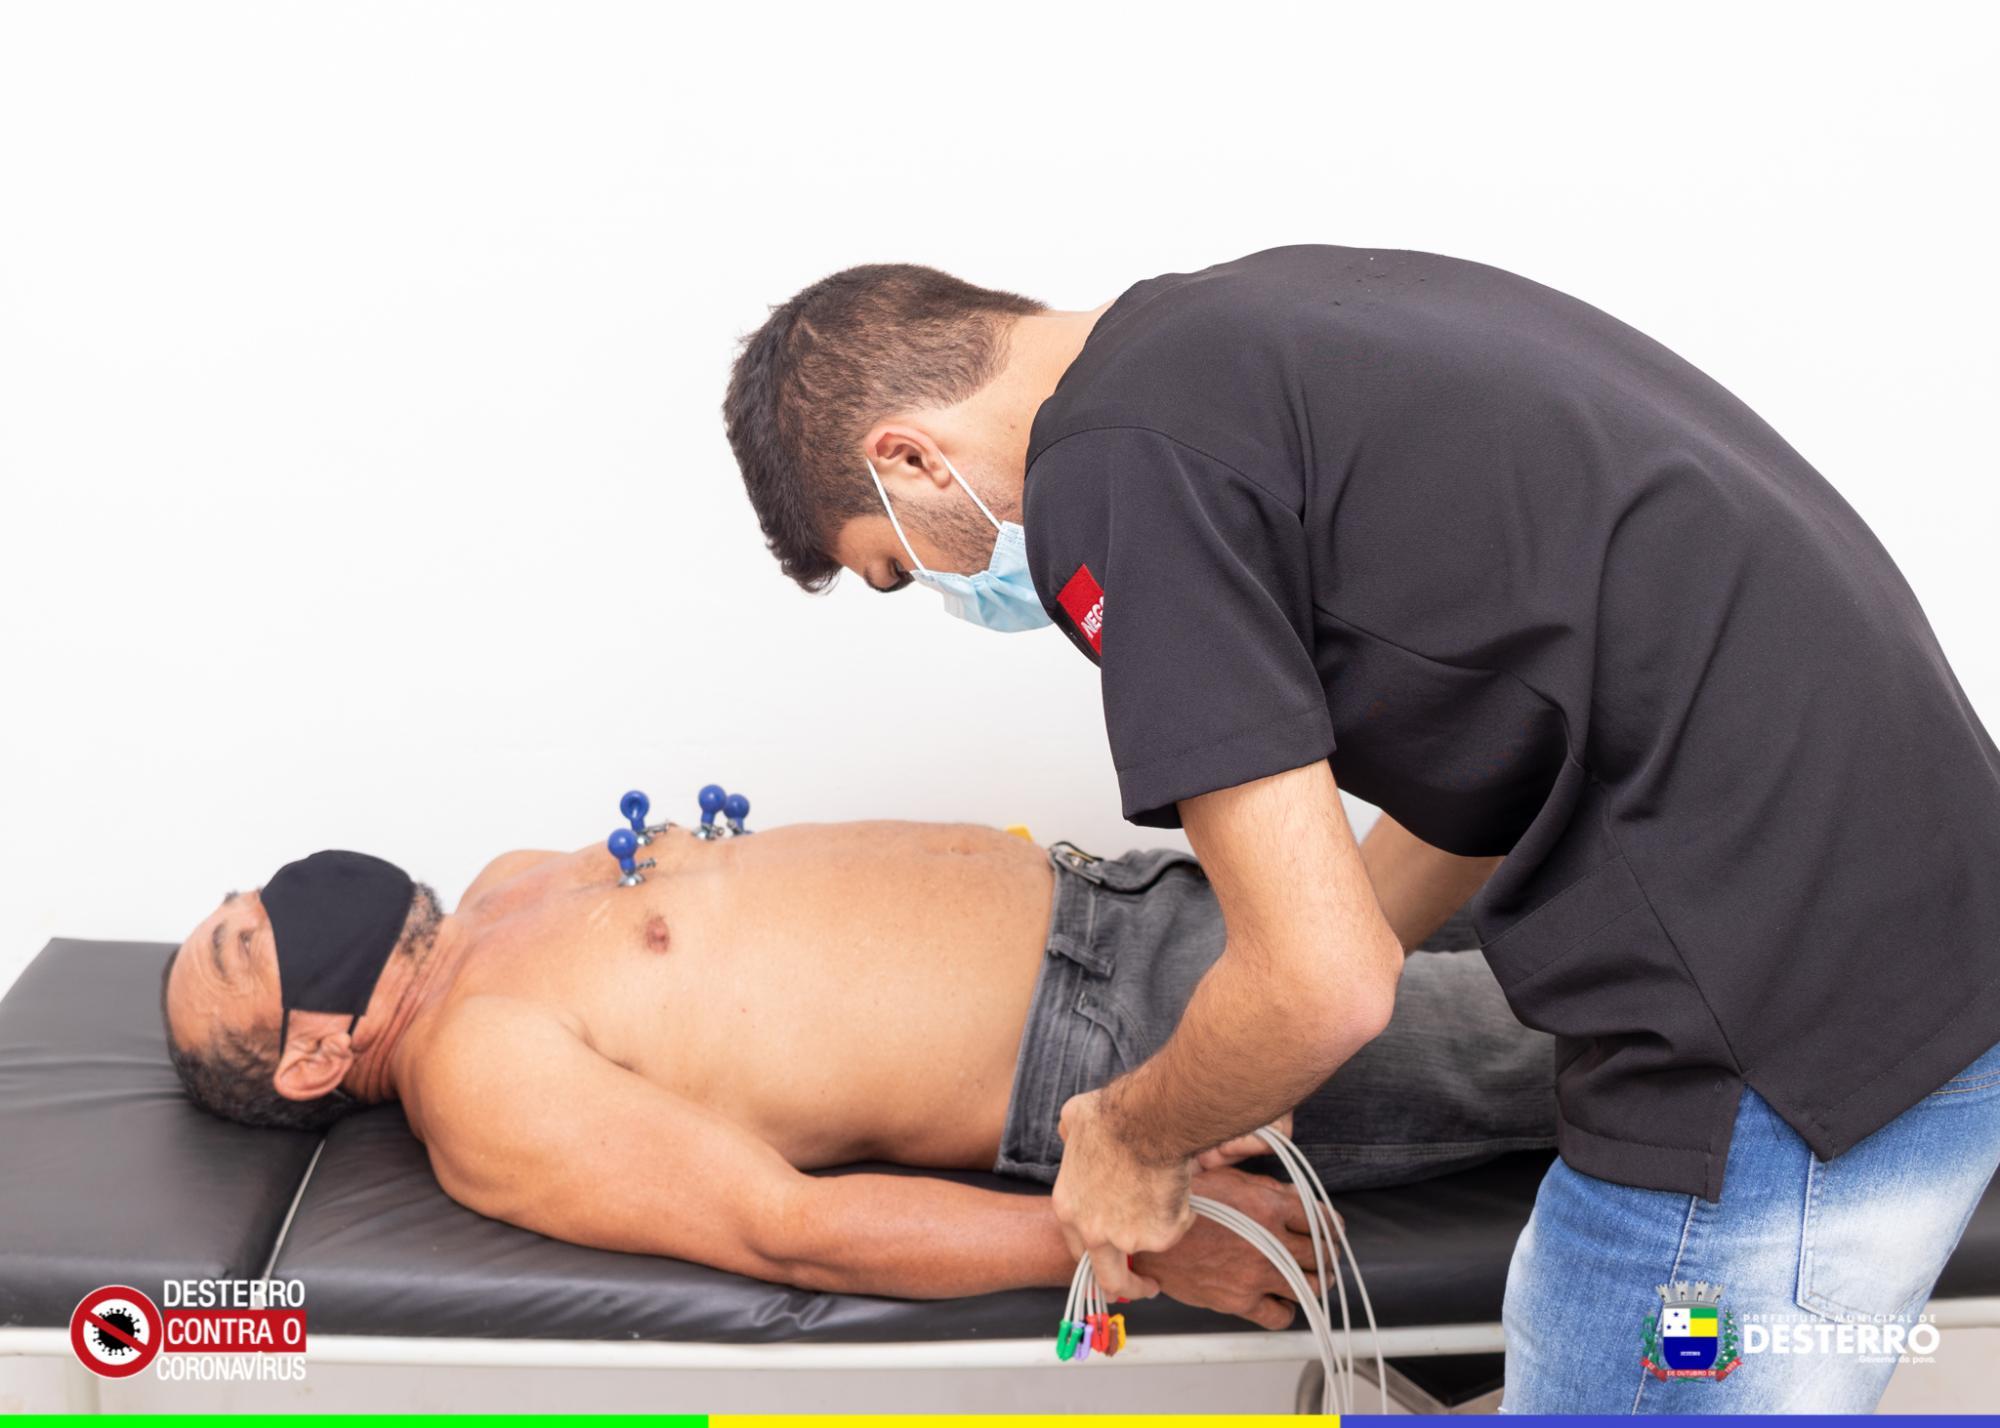 Prefeitura de Desterro dá início ao retorno gradual das consultas cardiológicas e exames eletrocardiogramas